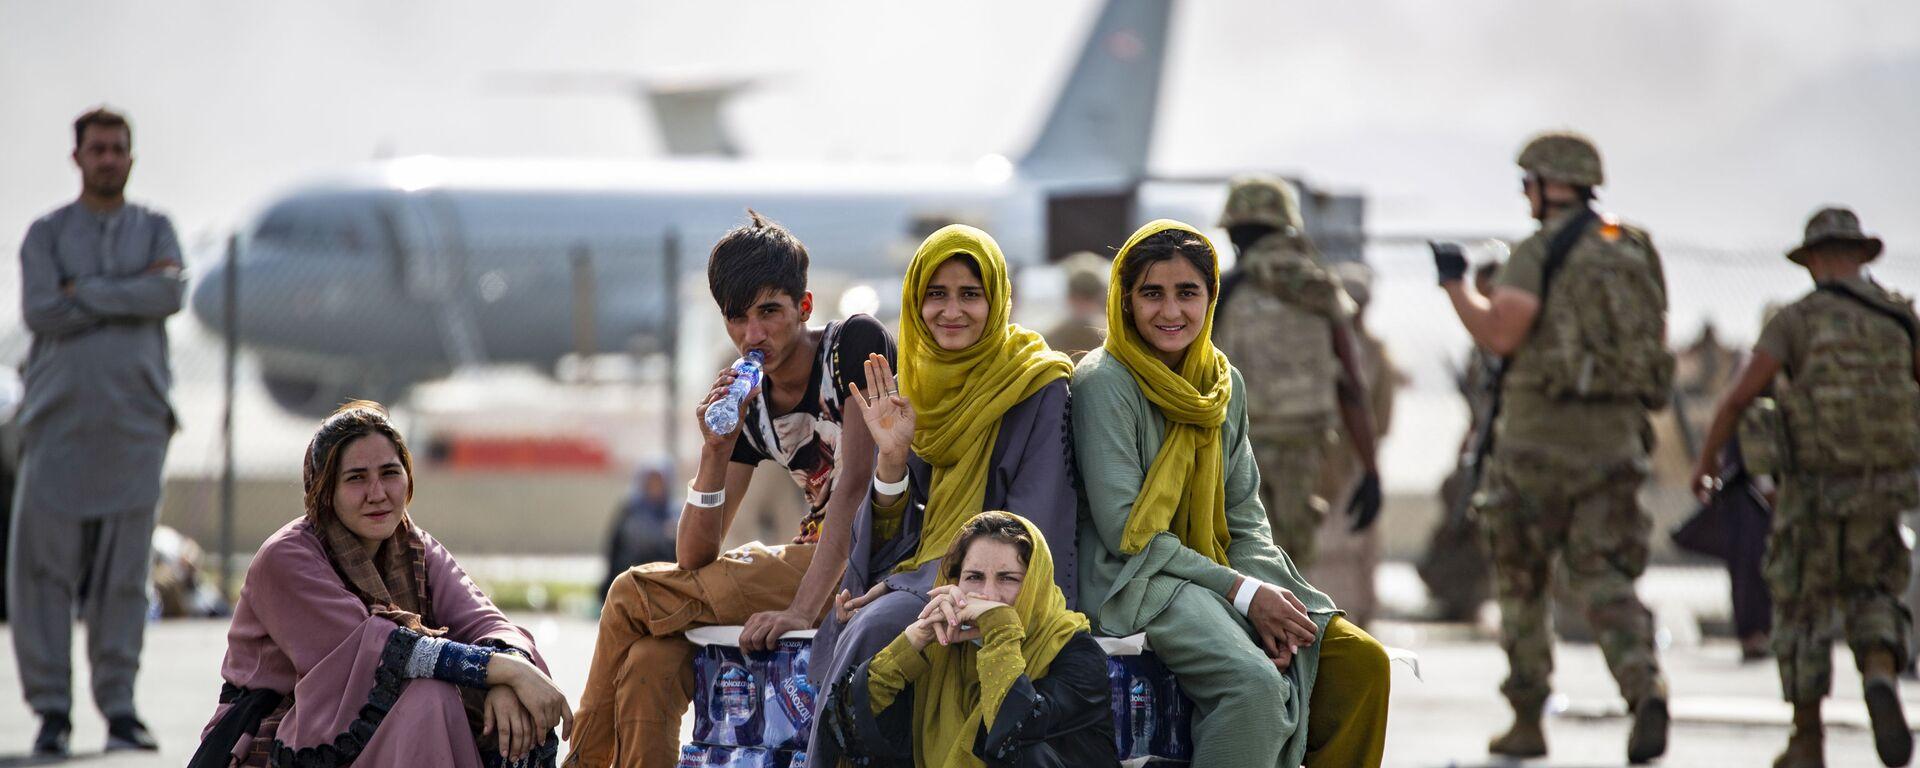 Женщины и дети в ожидании эвакуации в аэропорту Кабула  - Sputnik Polska, 1920, 29.08.2021